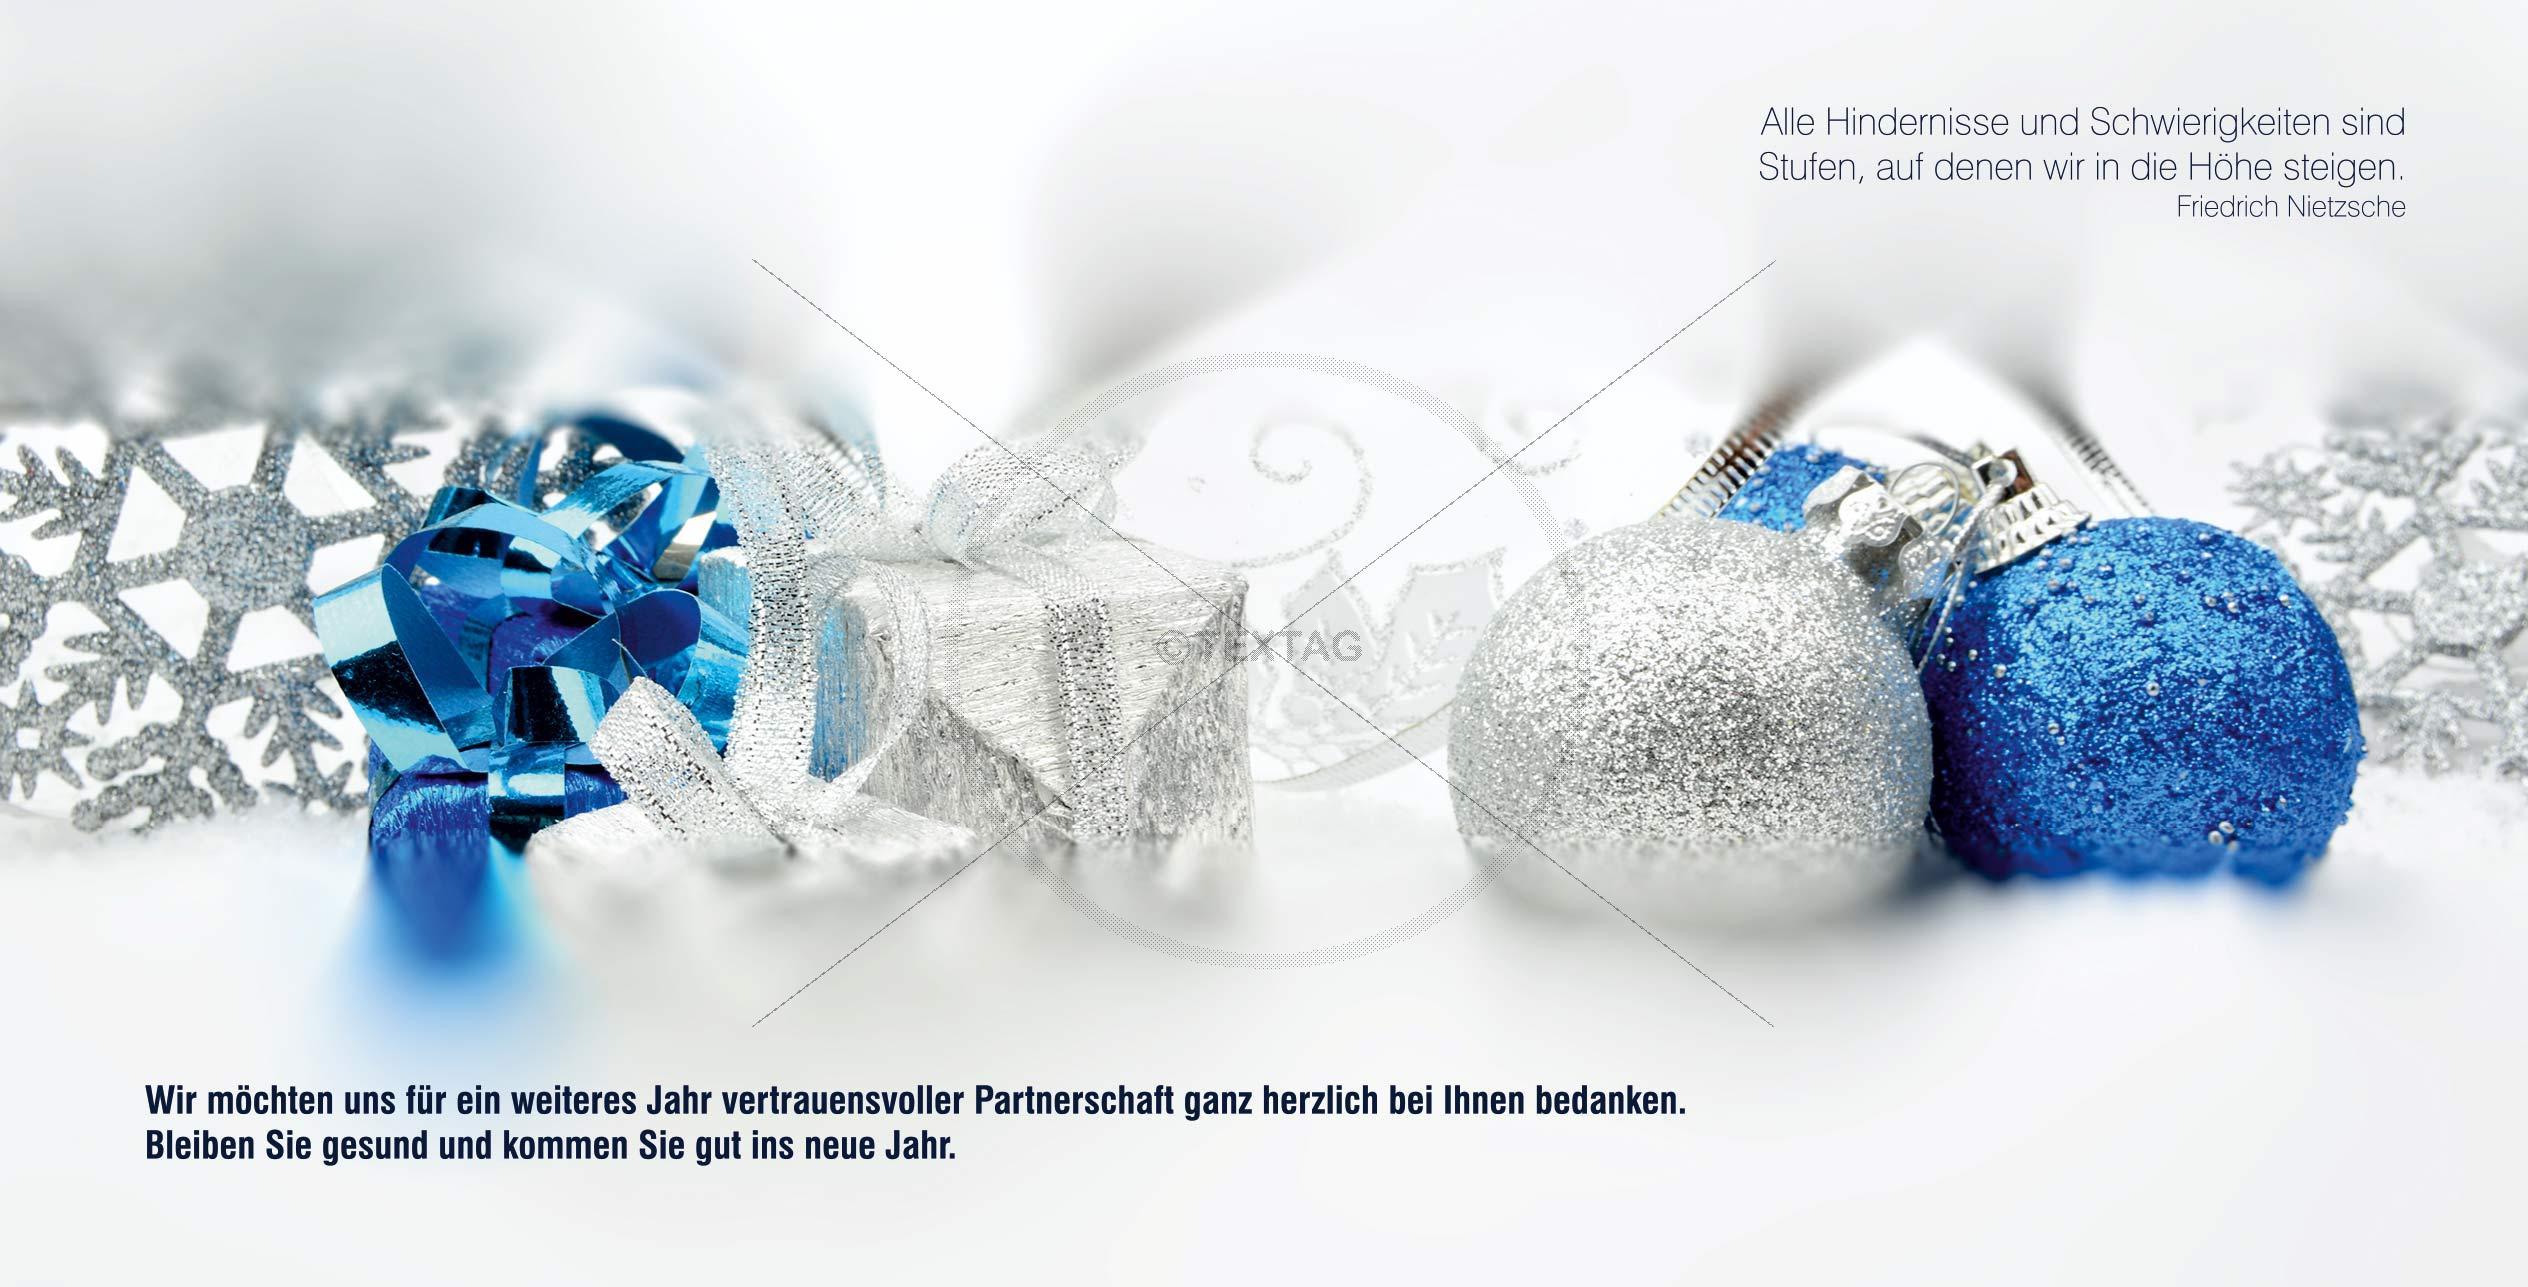 elegante Weihnachtskarte in Weiß, Blau und Silber mit Spelegante Weihnachtskarte in Weiß, Blau und Silber mit Spruch (64) inkl. Druckkostenruch (64)